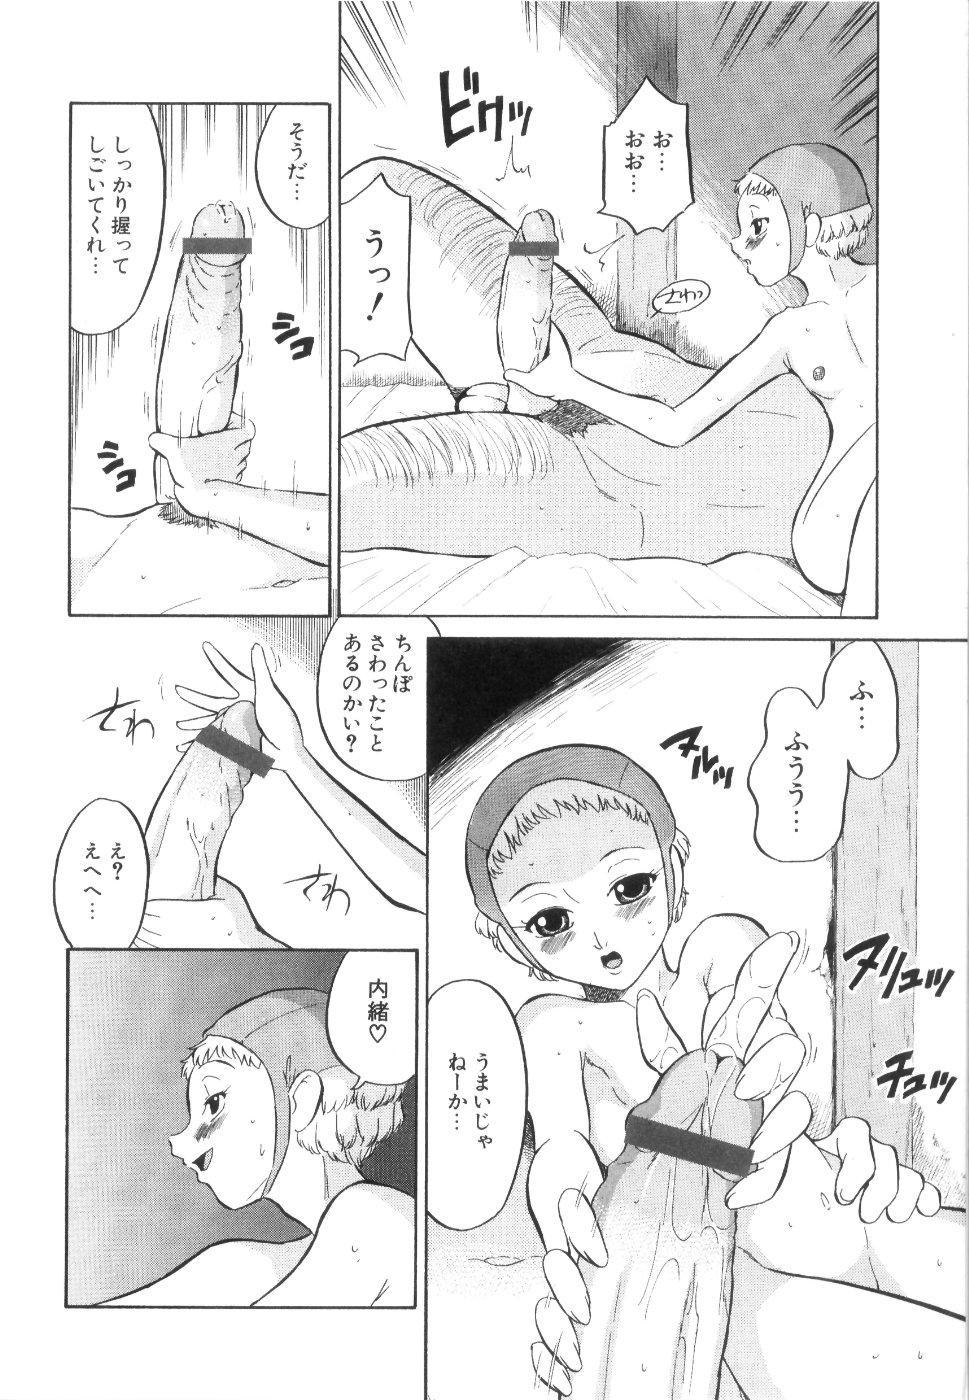 [Dozamura] Doguu -Dozamura Guuwa- Kuro 18